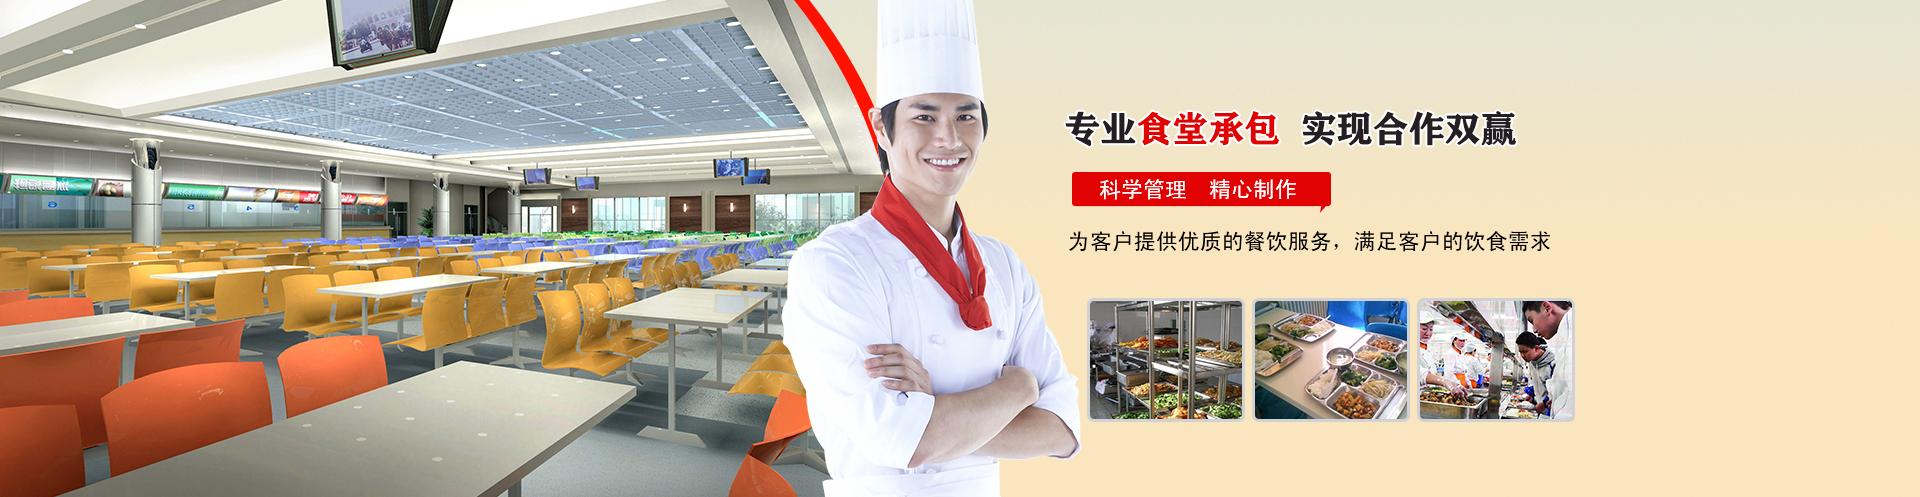 宁波食堂承包